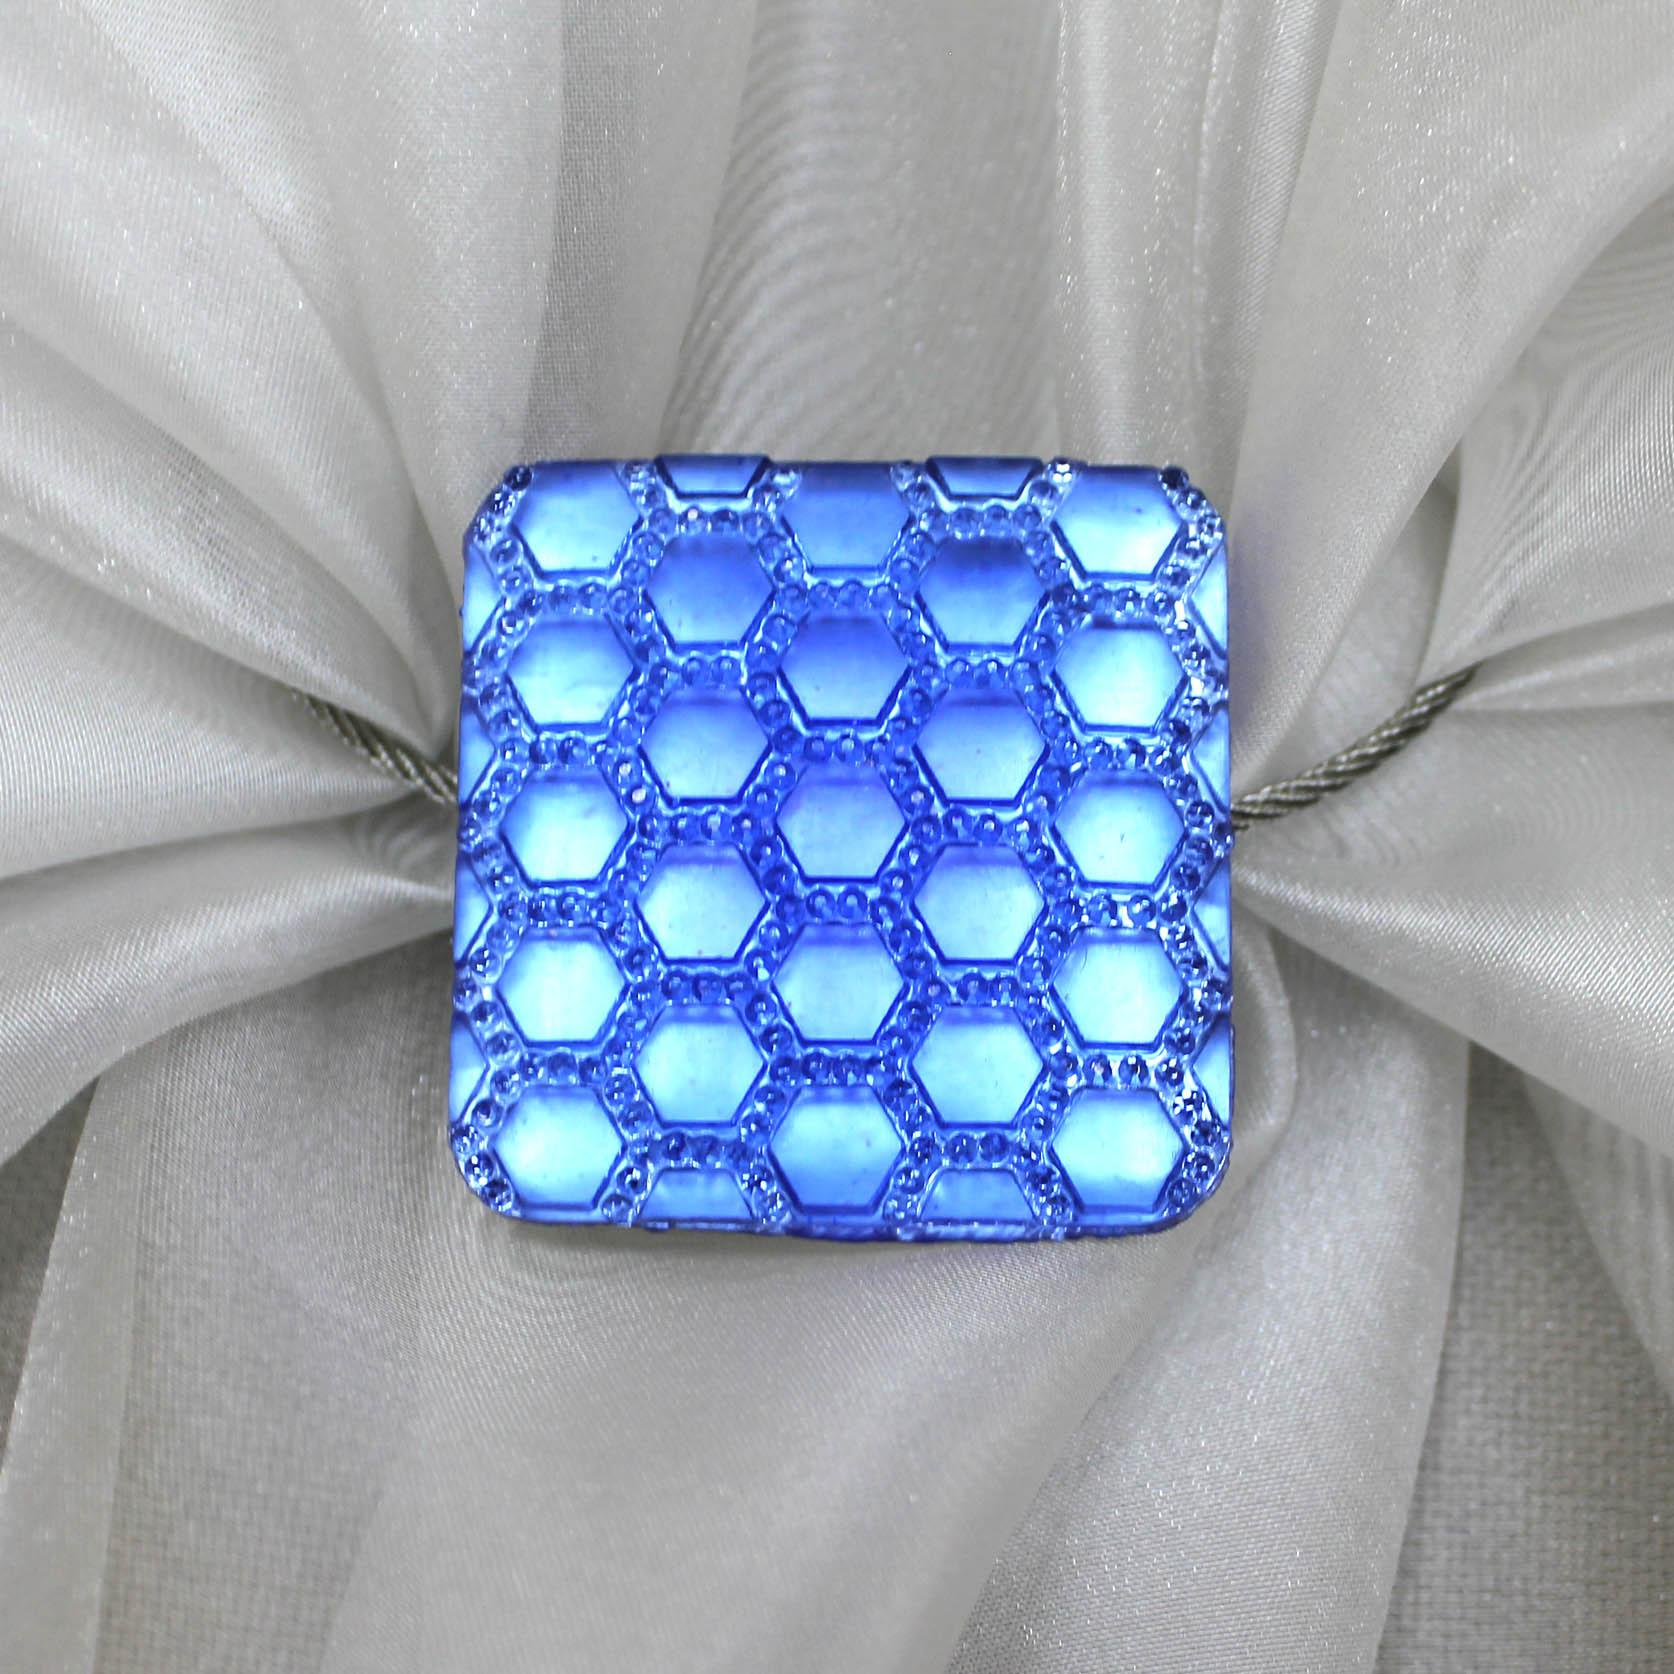 Карнизы и аксессуары для штор Ajur Подхват для штор магнитный Dishan Цвет: Голубой карнизы и аксессуары для штор ajur подхват для штор магнитный abott цвет белый